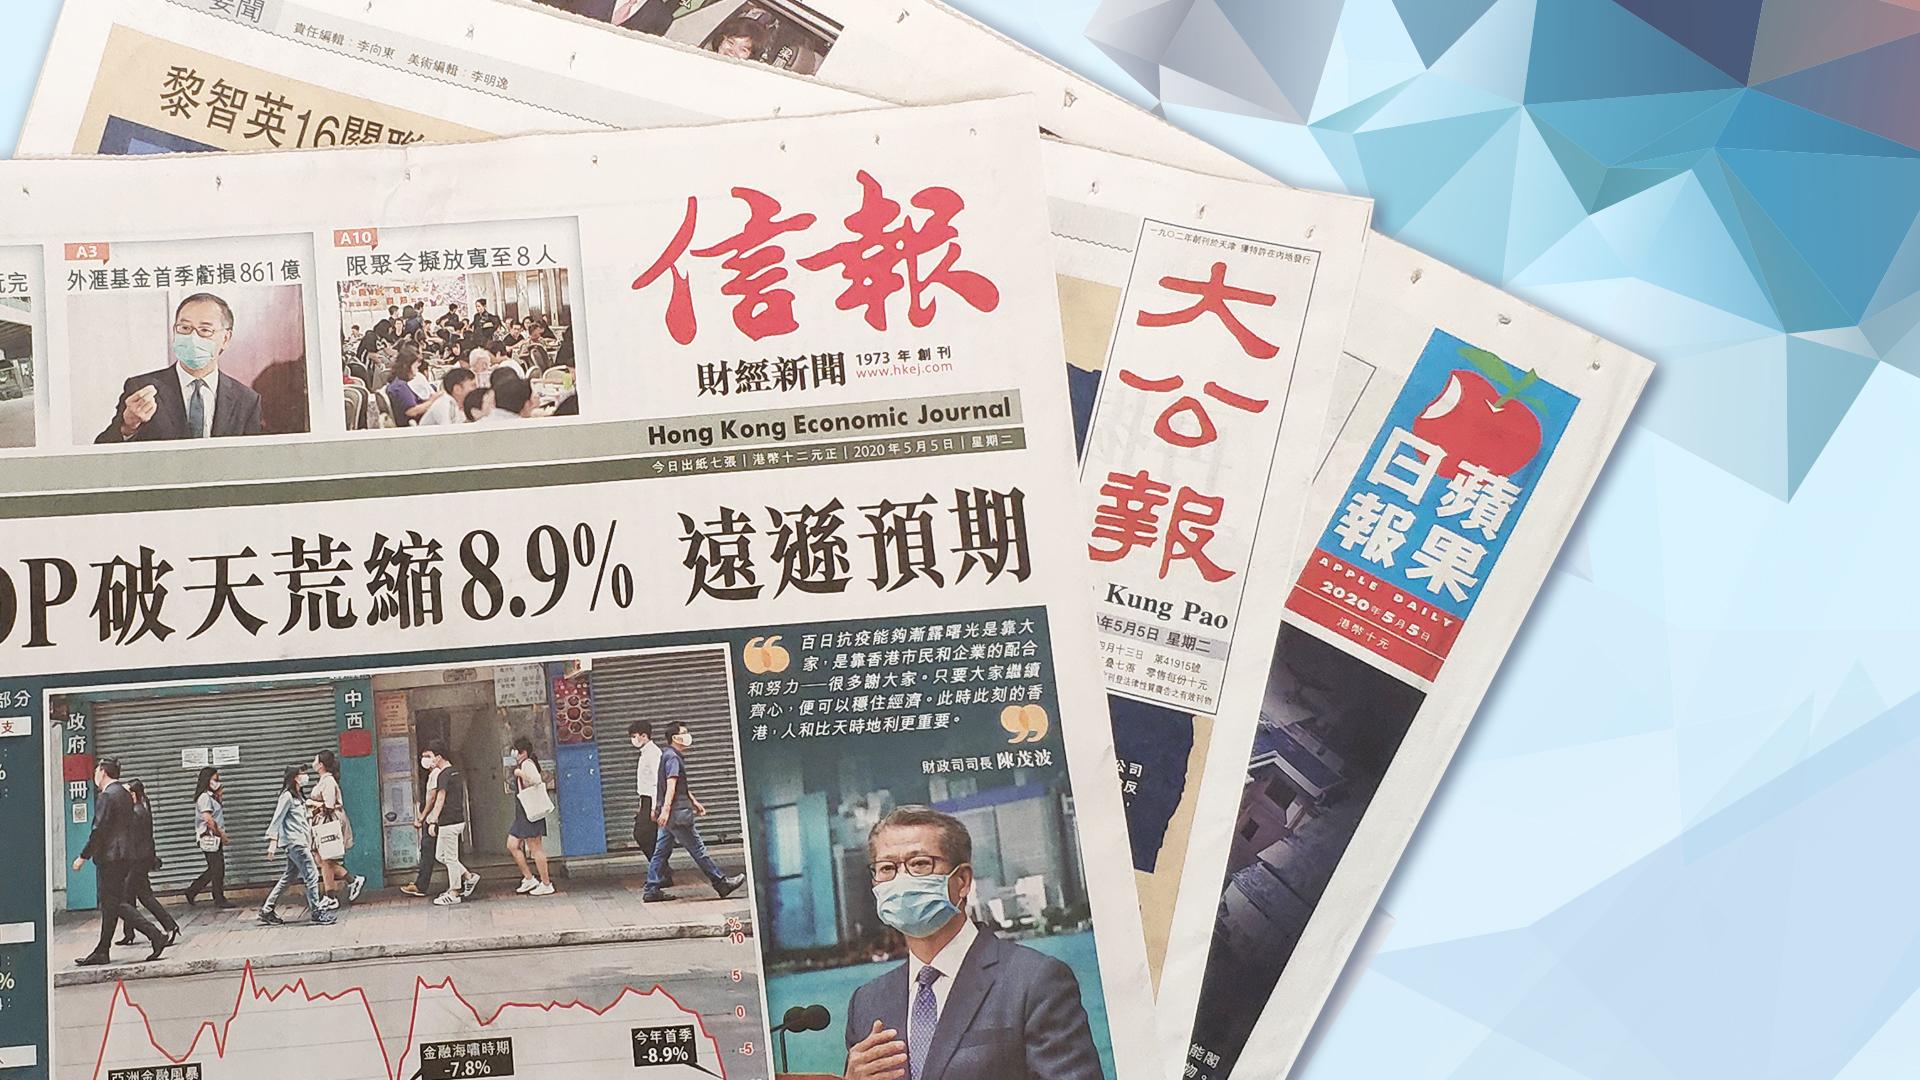 【報章A1速覽】港GDP破天荒縮8.9% 遠遜預期;壹傳媒涉違工業邨地契 市民投訴 地署懶理